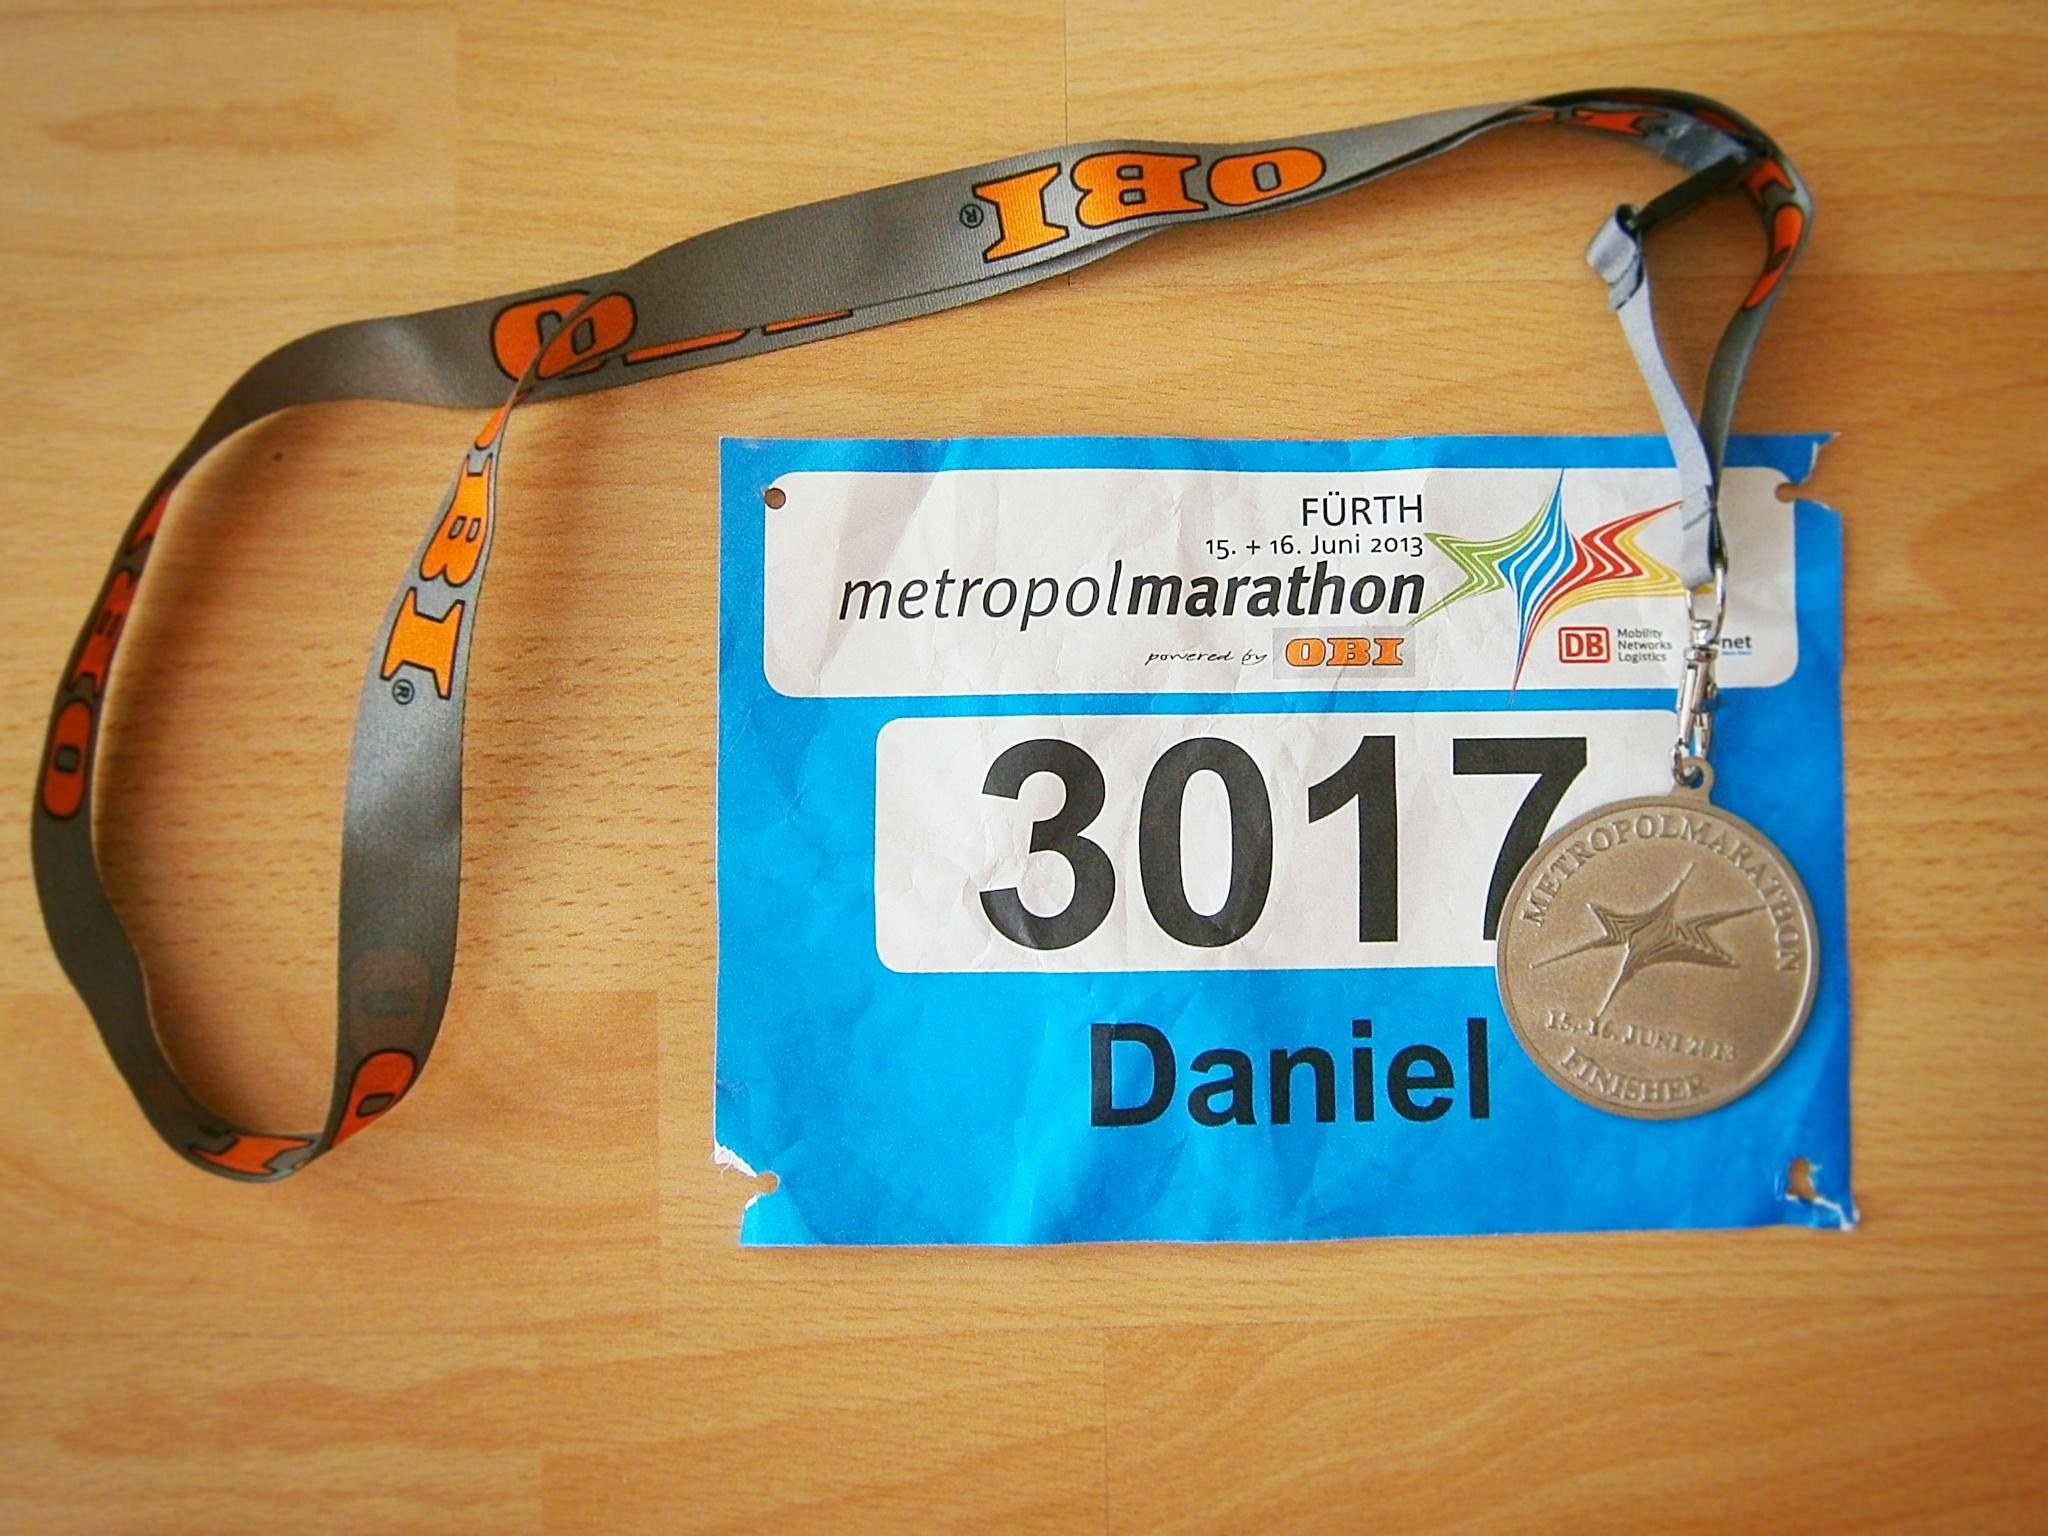 Metropolmarathon